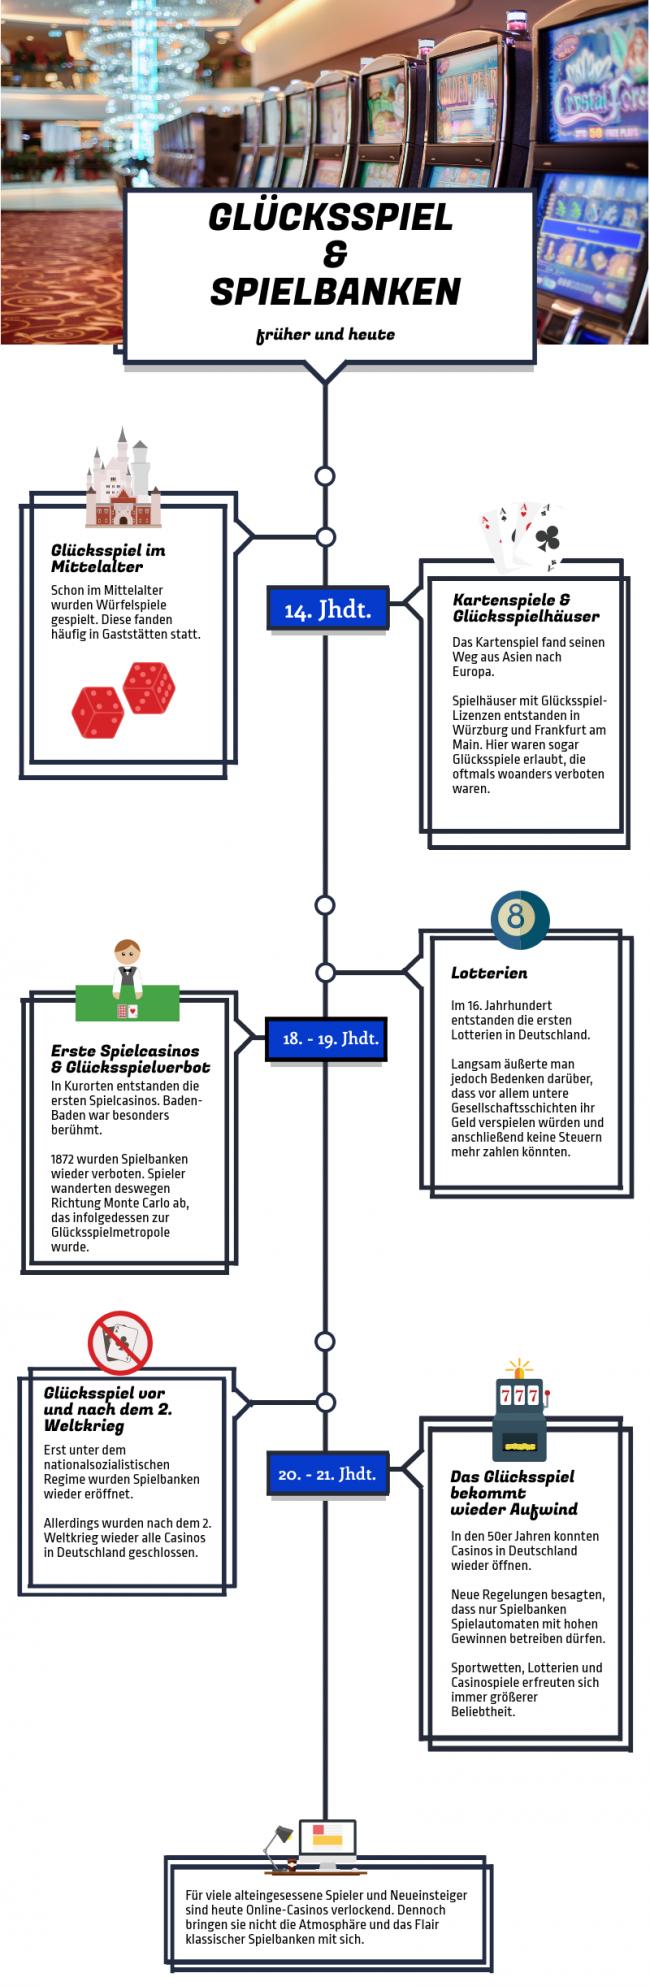 Infografik über die Entwicklung von Glücksspiel und Spielbanken in der Geschichte Deutschlands